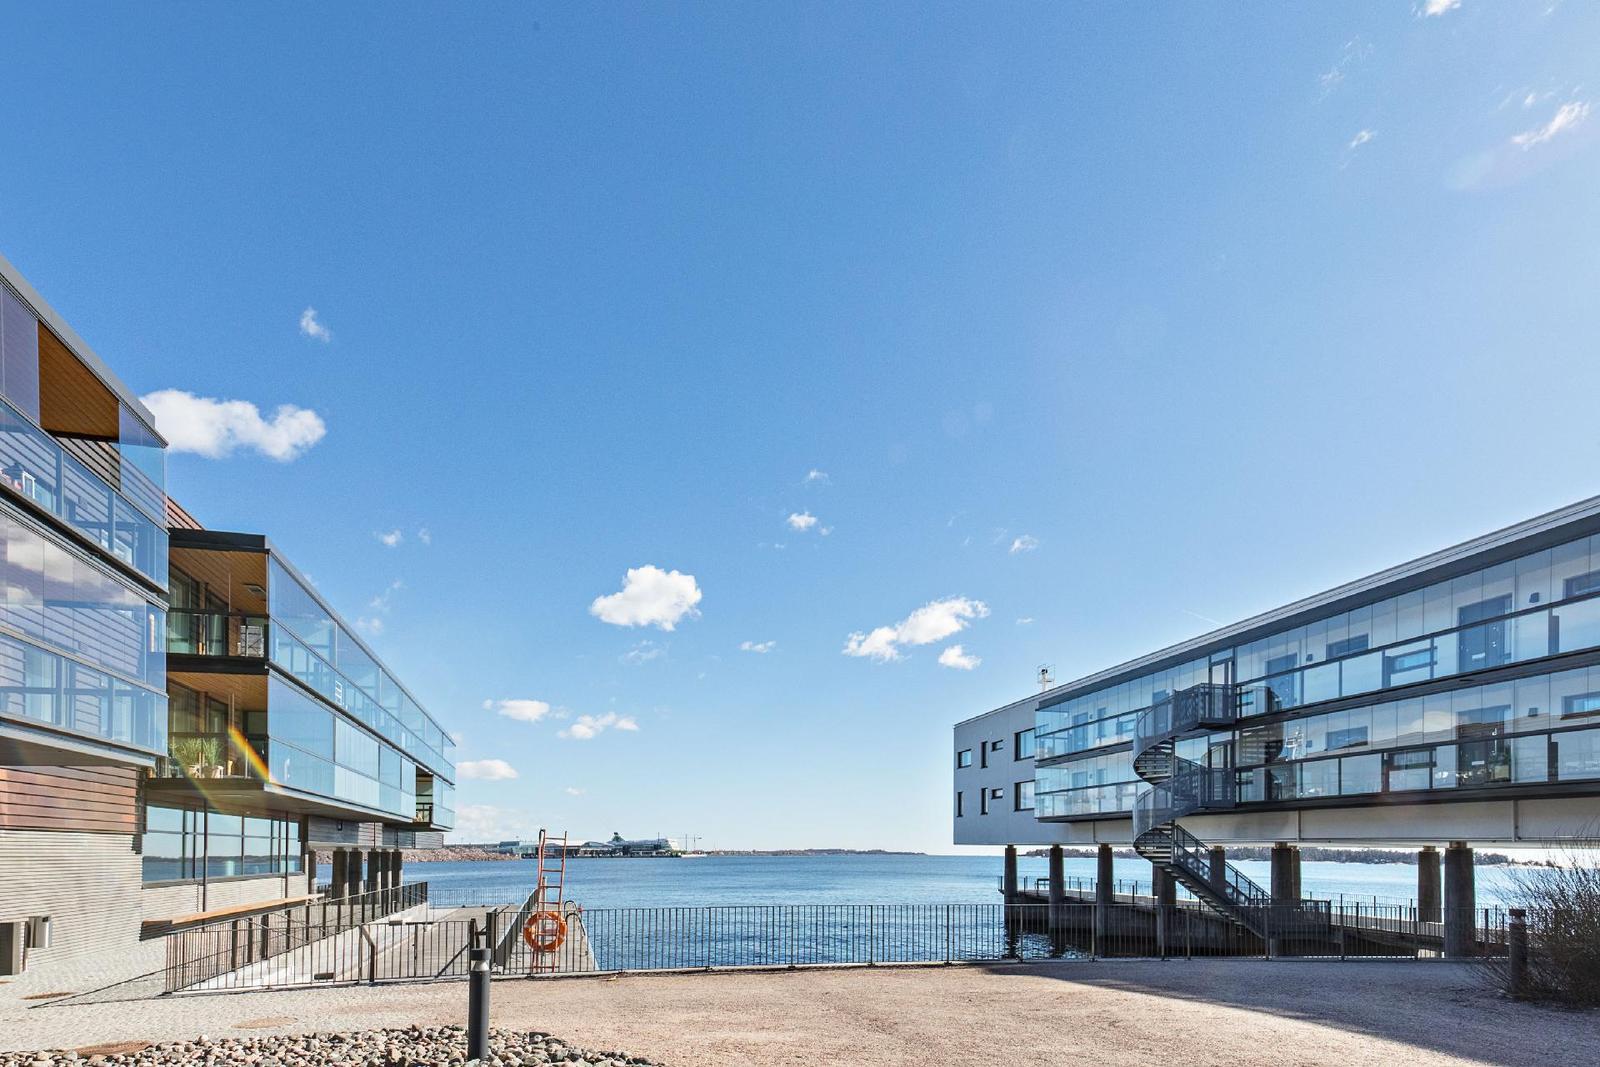 Helsingin halutuimmat asuinalueet, Lauttasaari